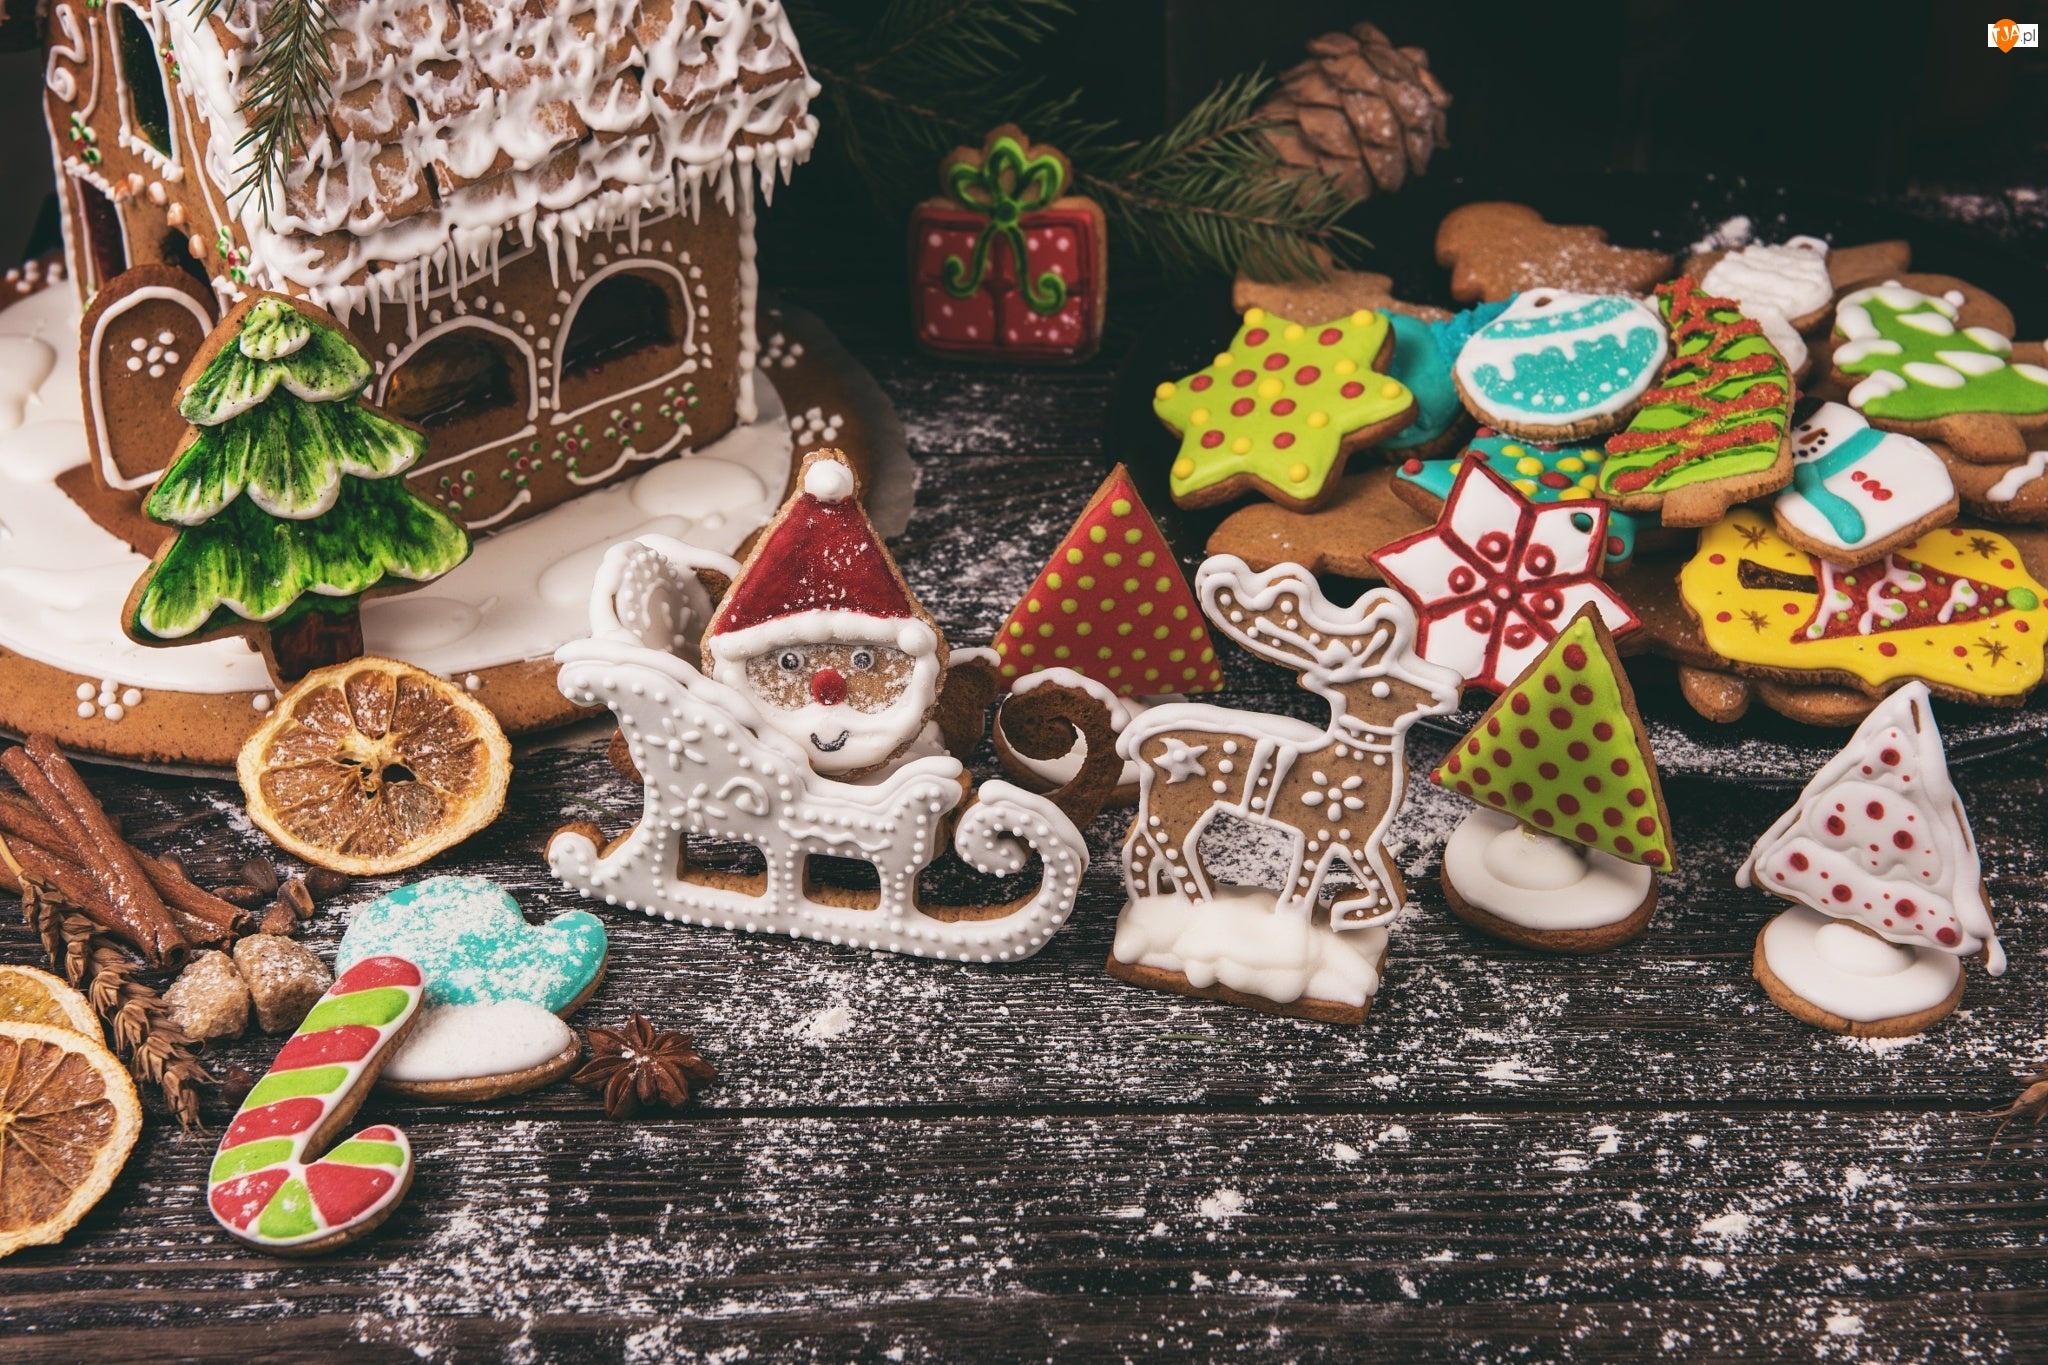 Domek, Kompozycja, Ciasteczka, Pierniki, Świąteczne